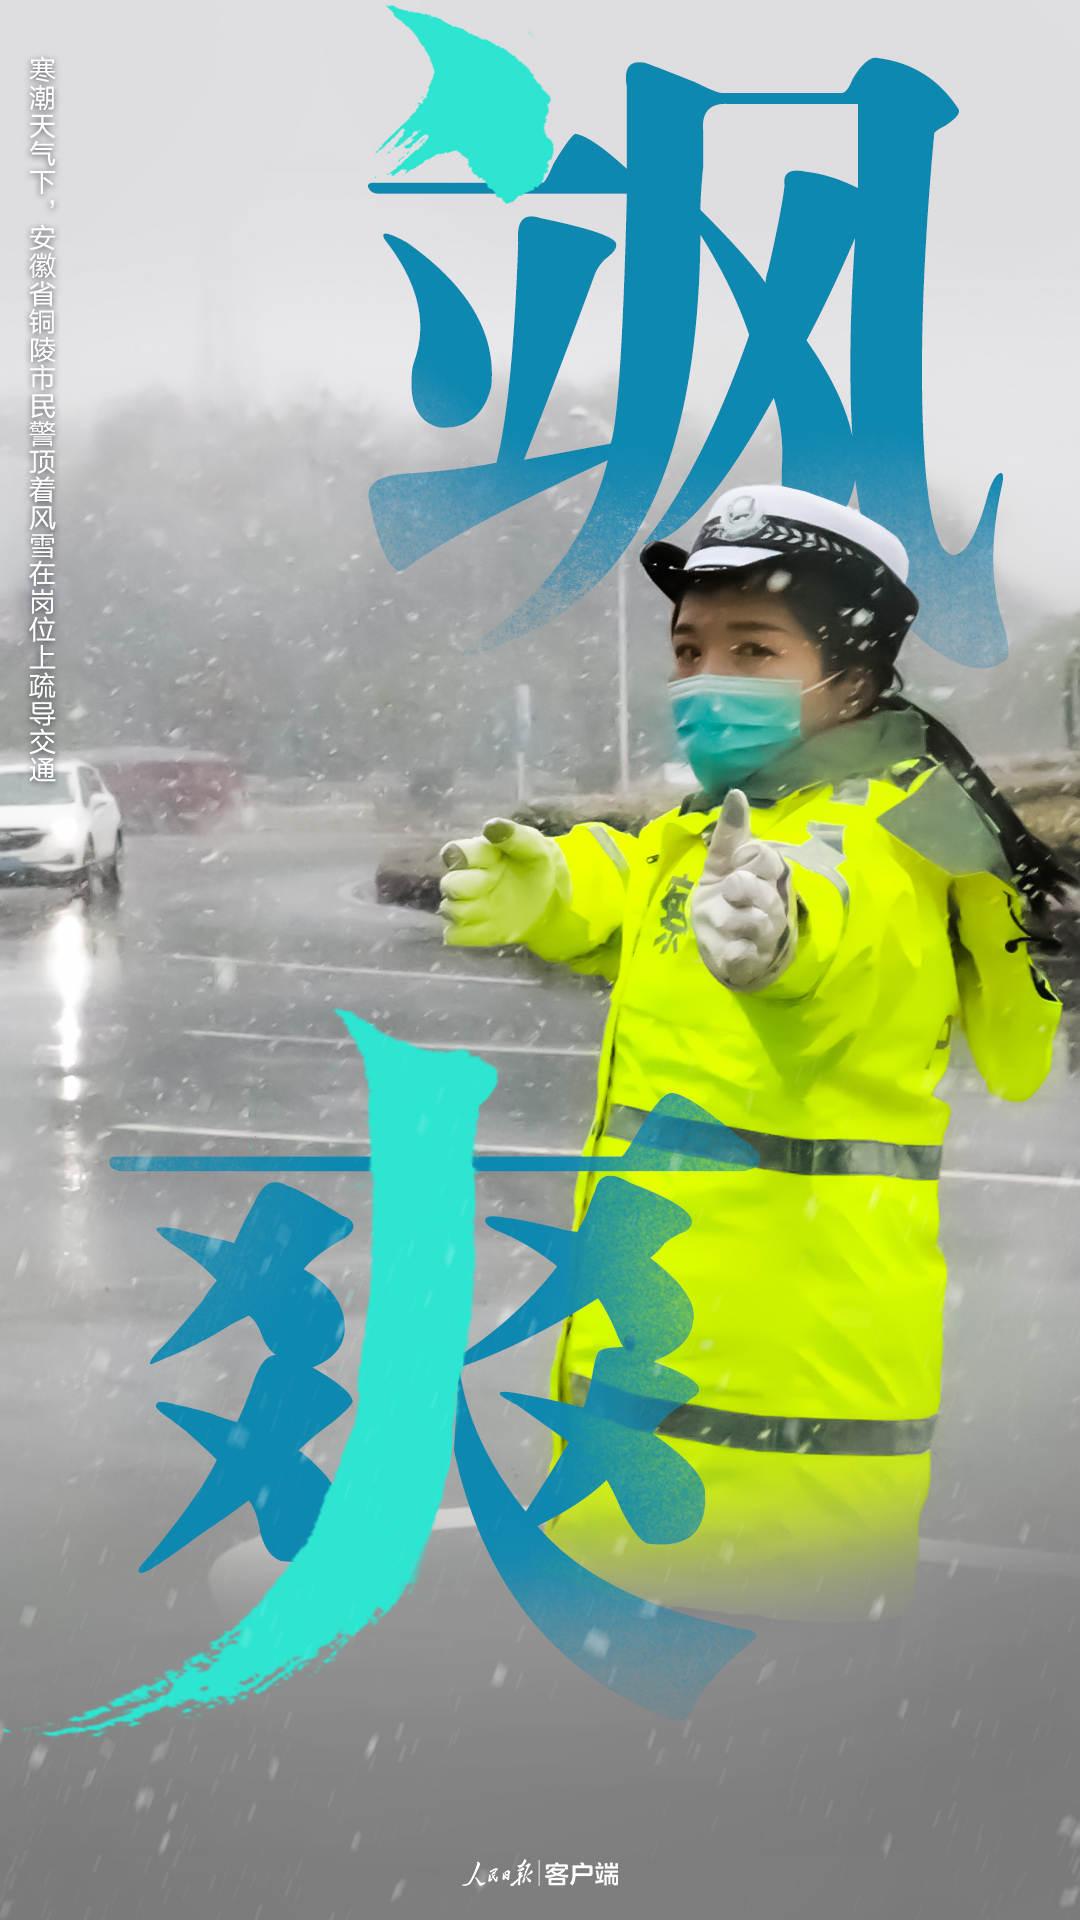 【110警察节】人民警察,真帅!